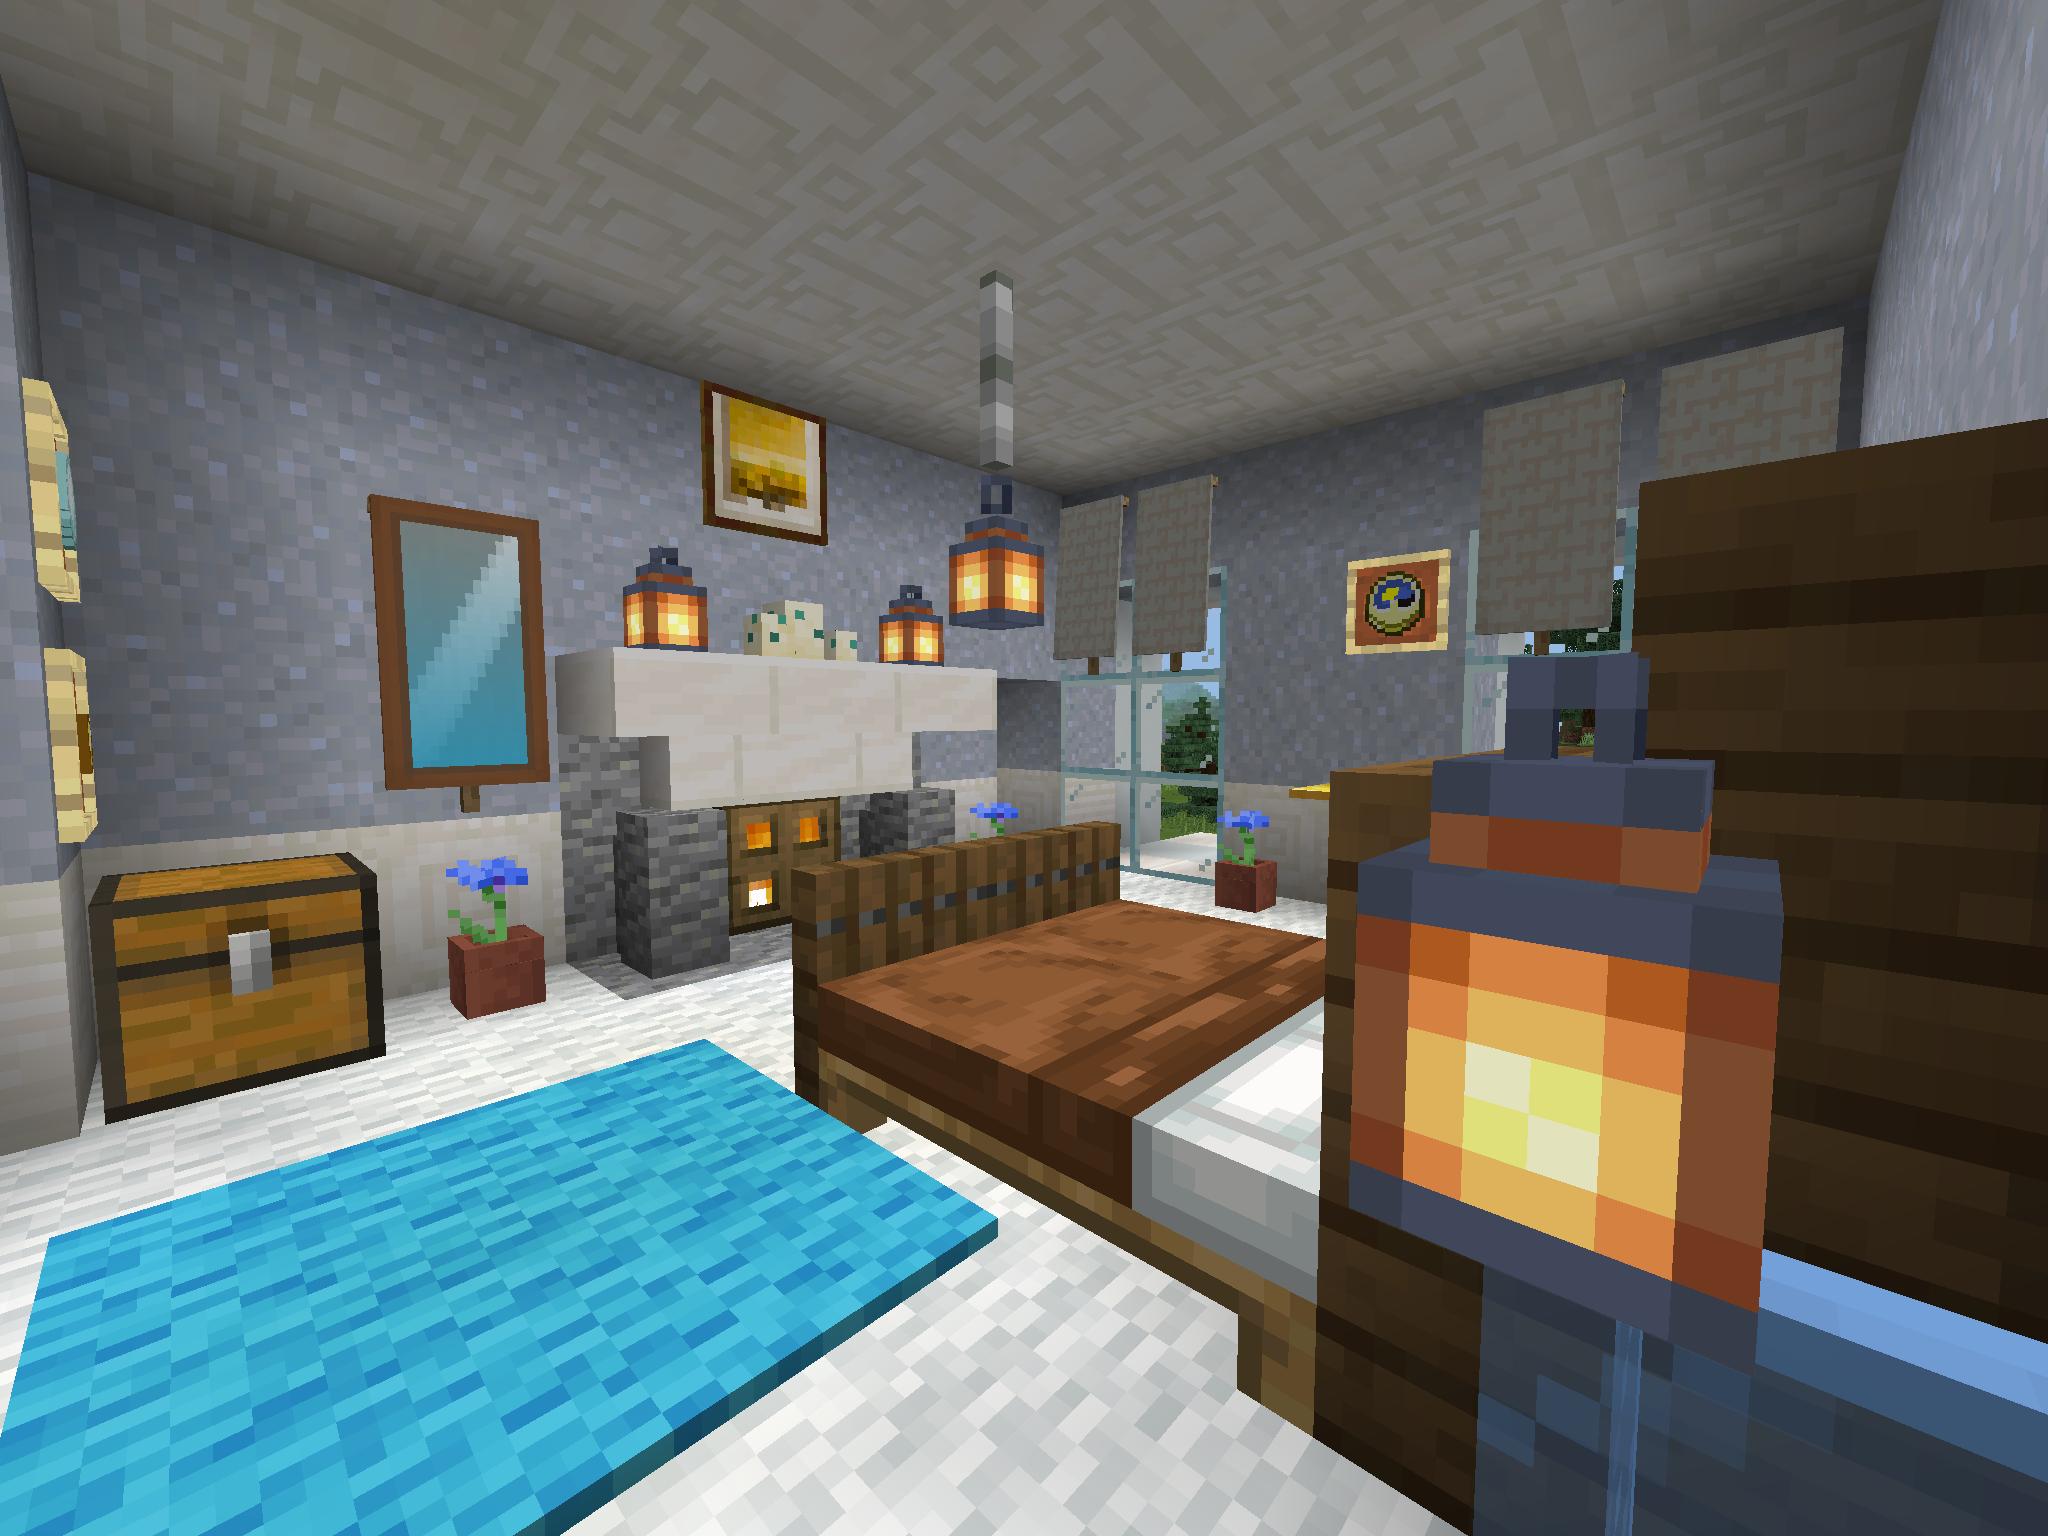 идеи для украшения комнаты в майнкрафт #9